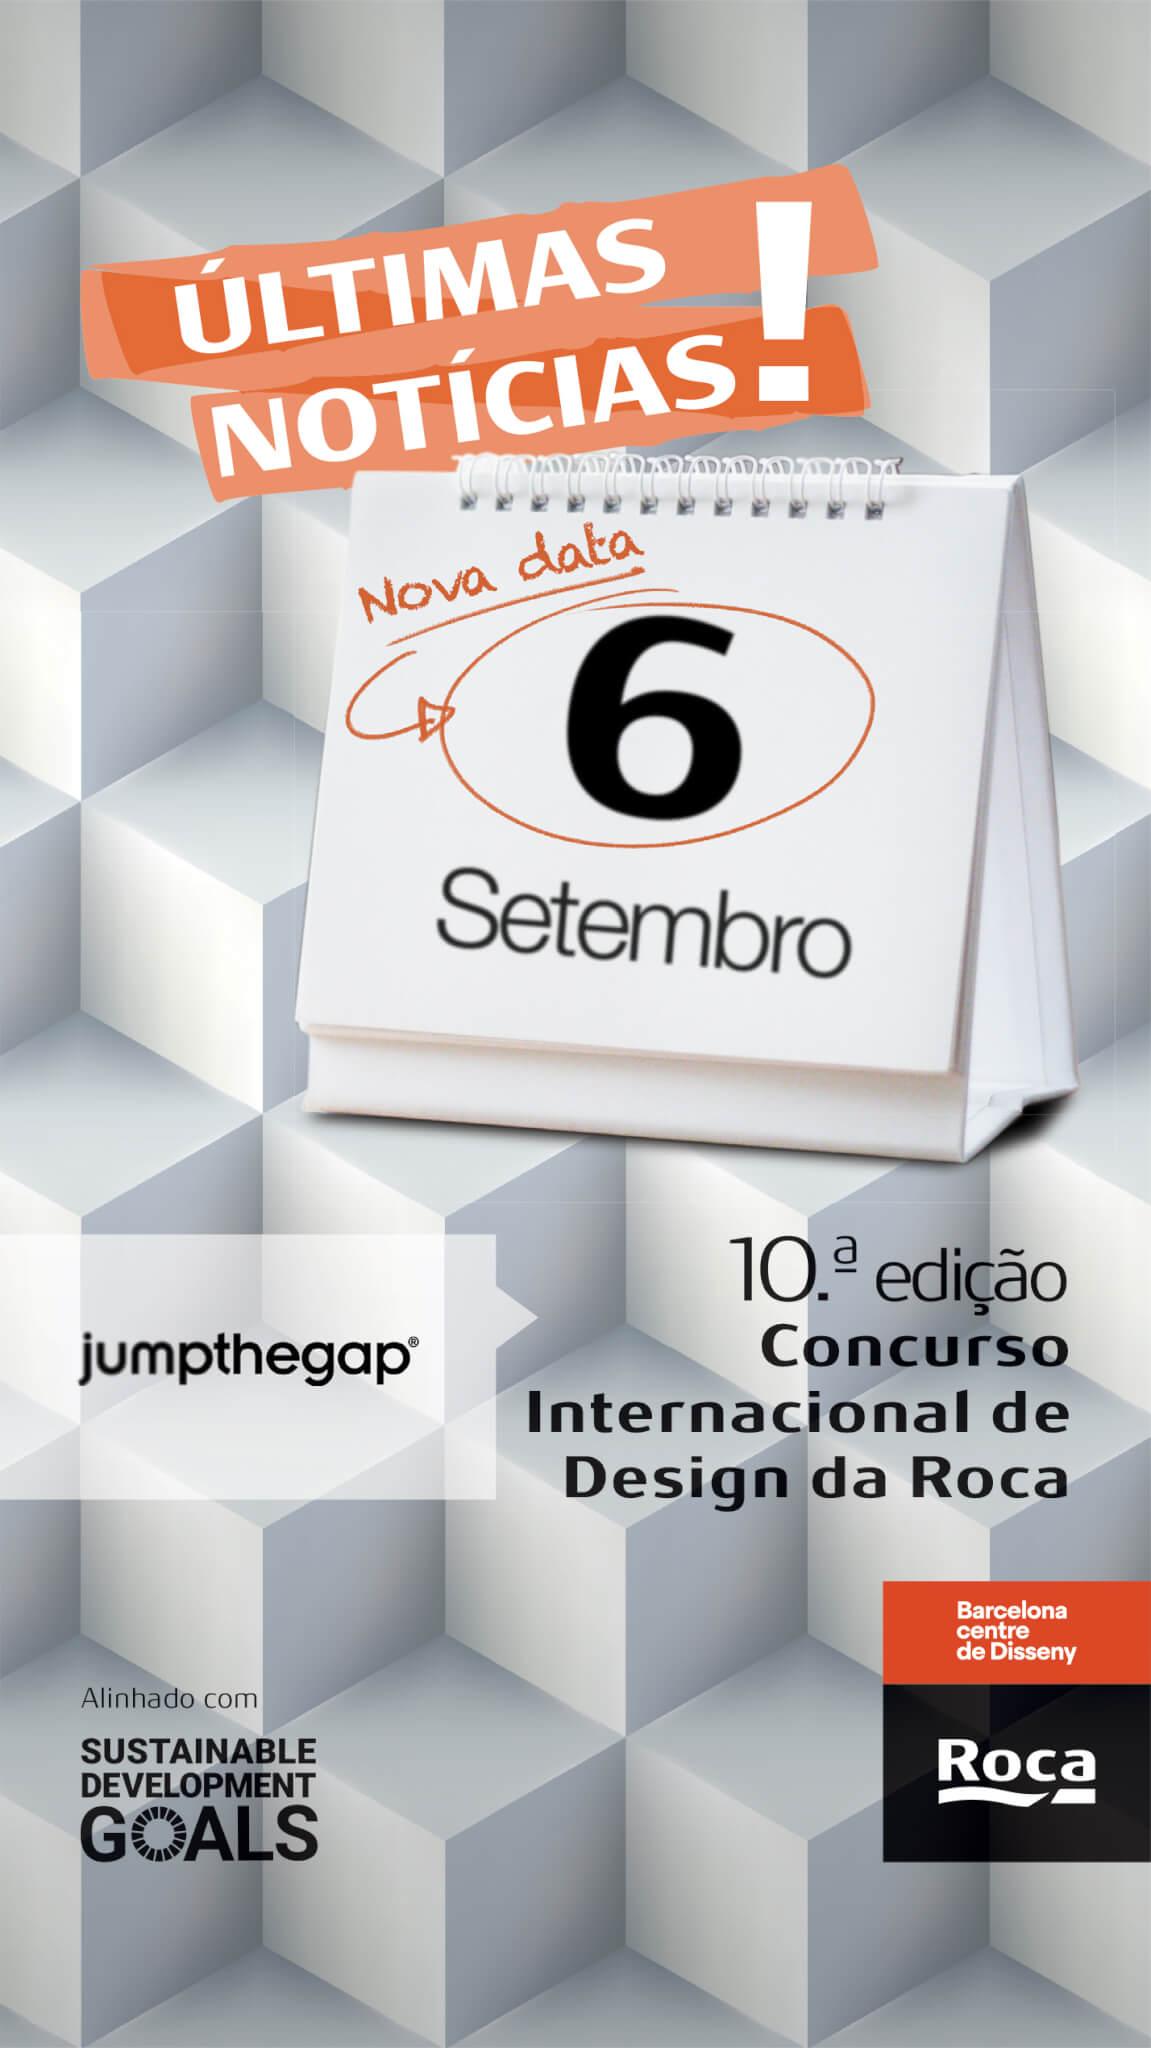 10º edição do Concurso Internacional de Design, jumpthegap®